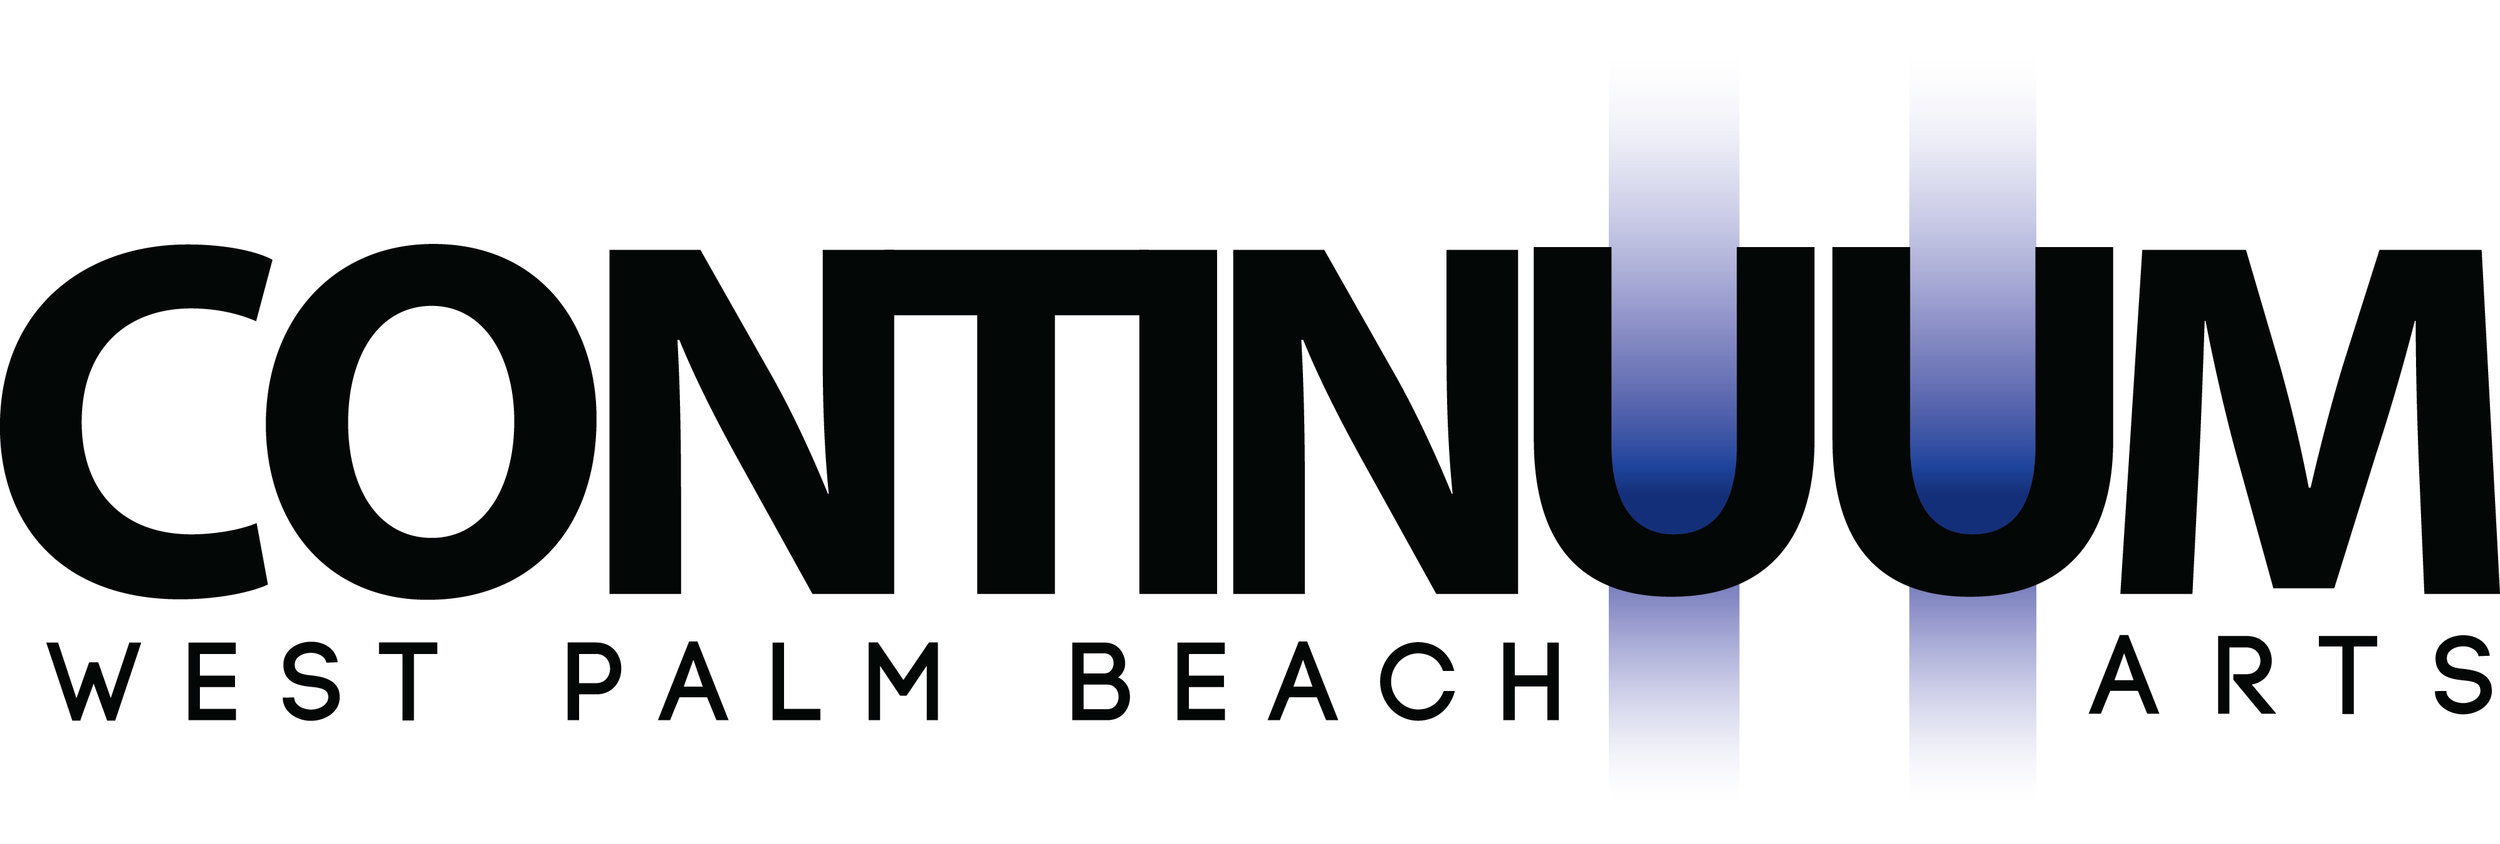 CONTINUUM-logo.jpg